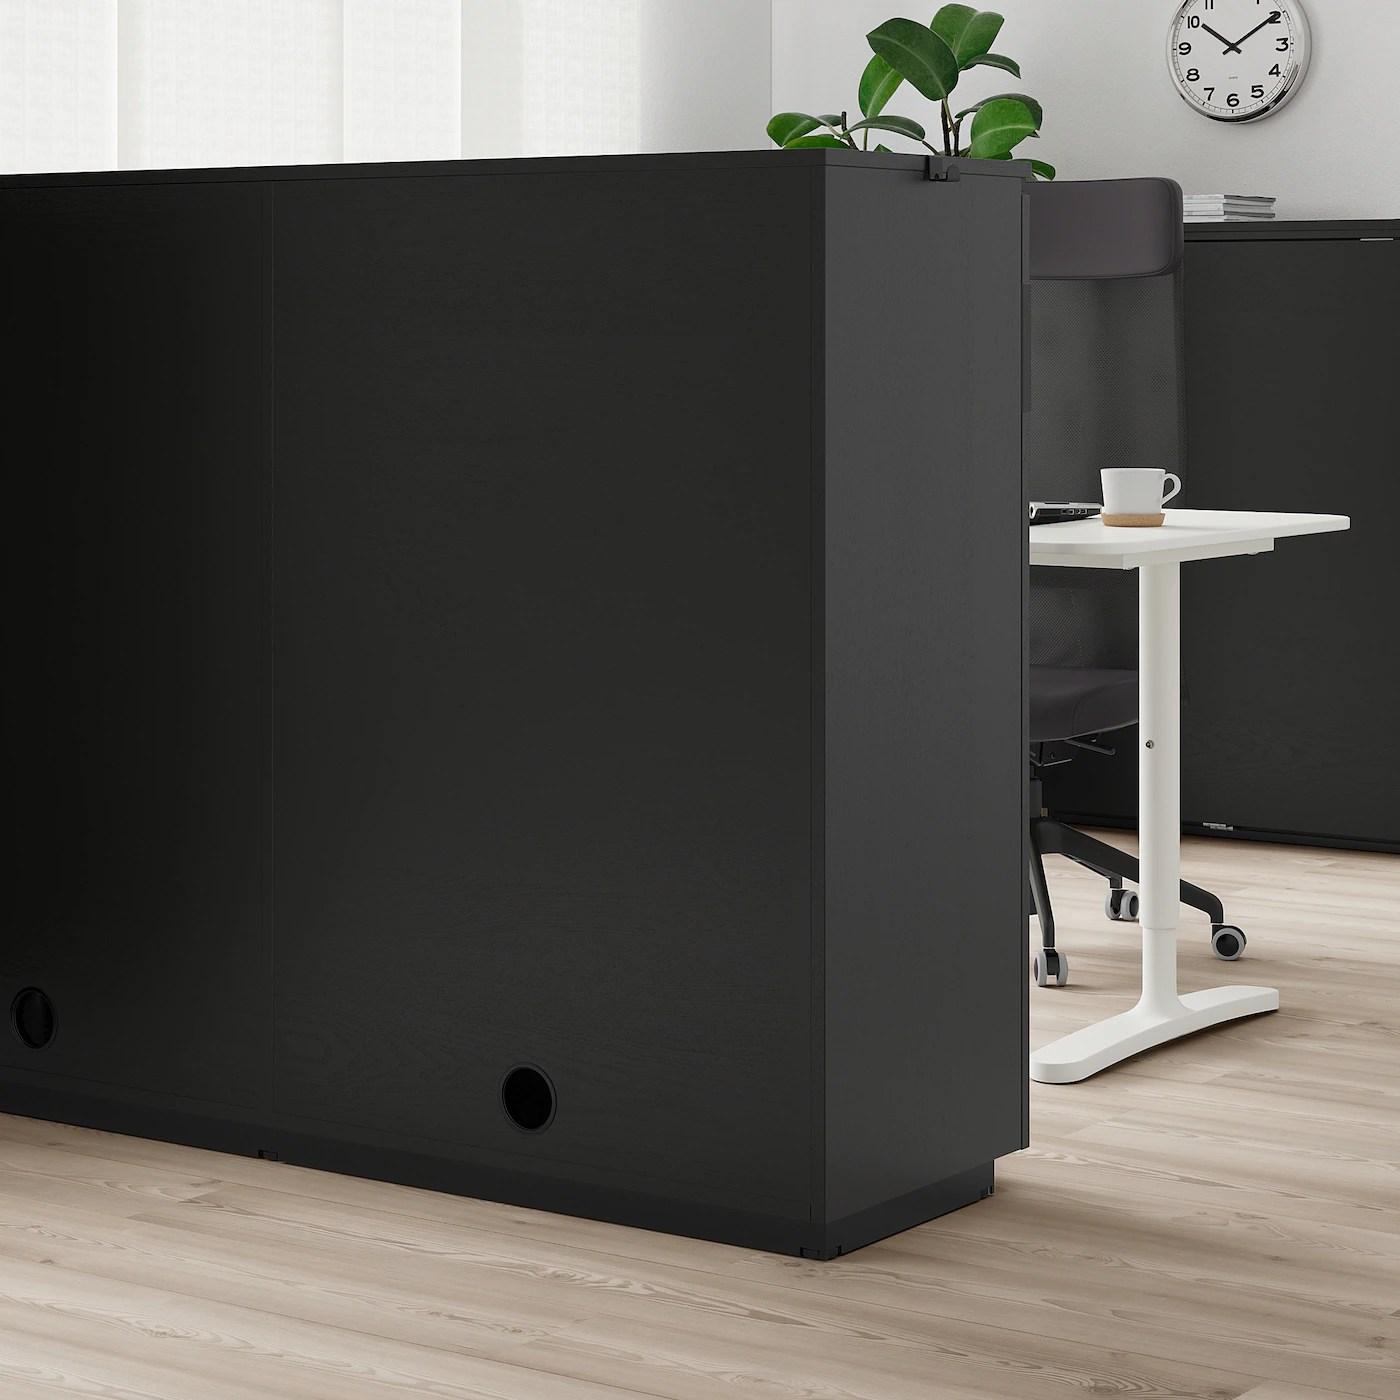 Galant Skab Med Skydedore Asketraesfiner Med Sort Bejdse 160x120 Cm Ikea